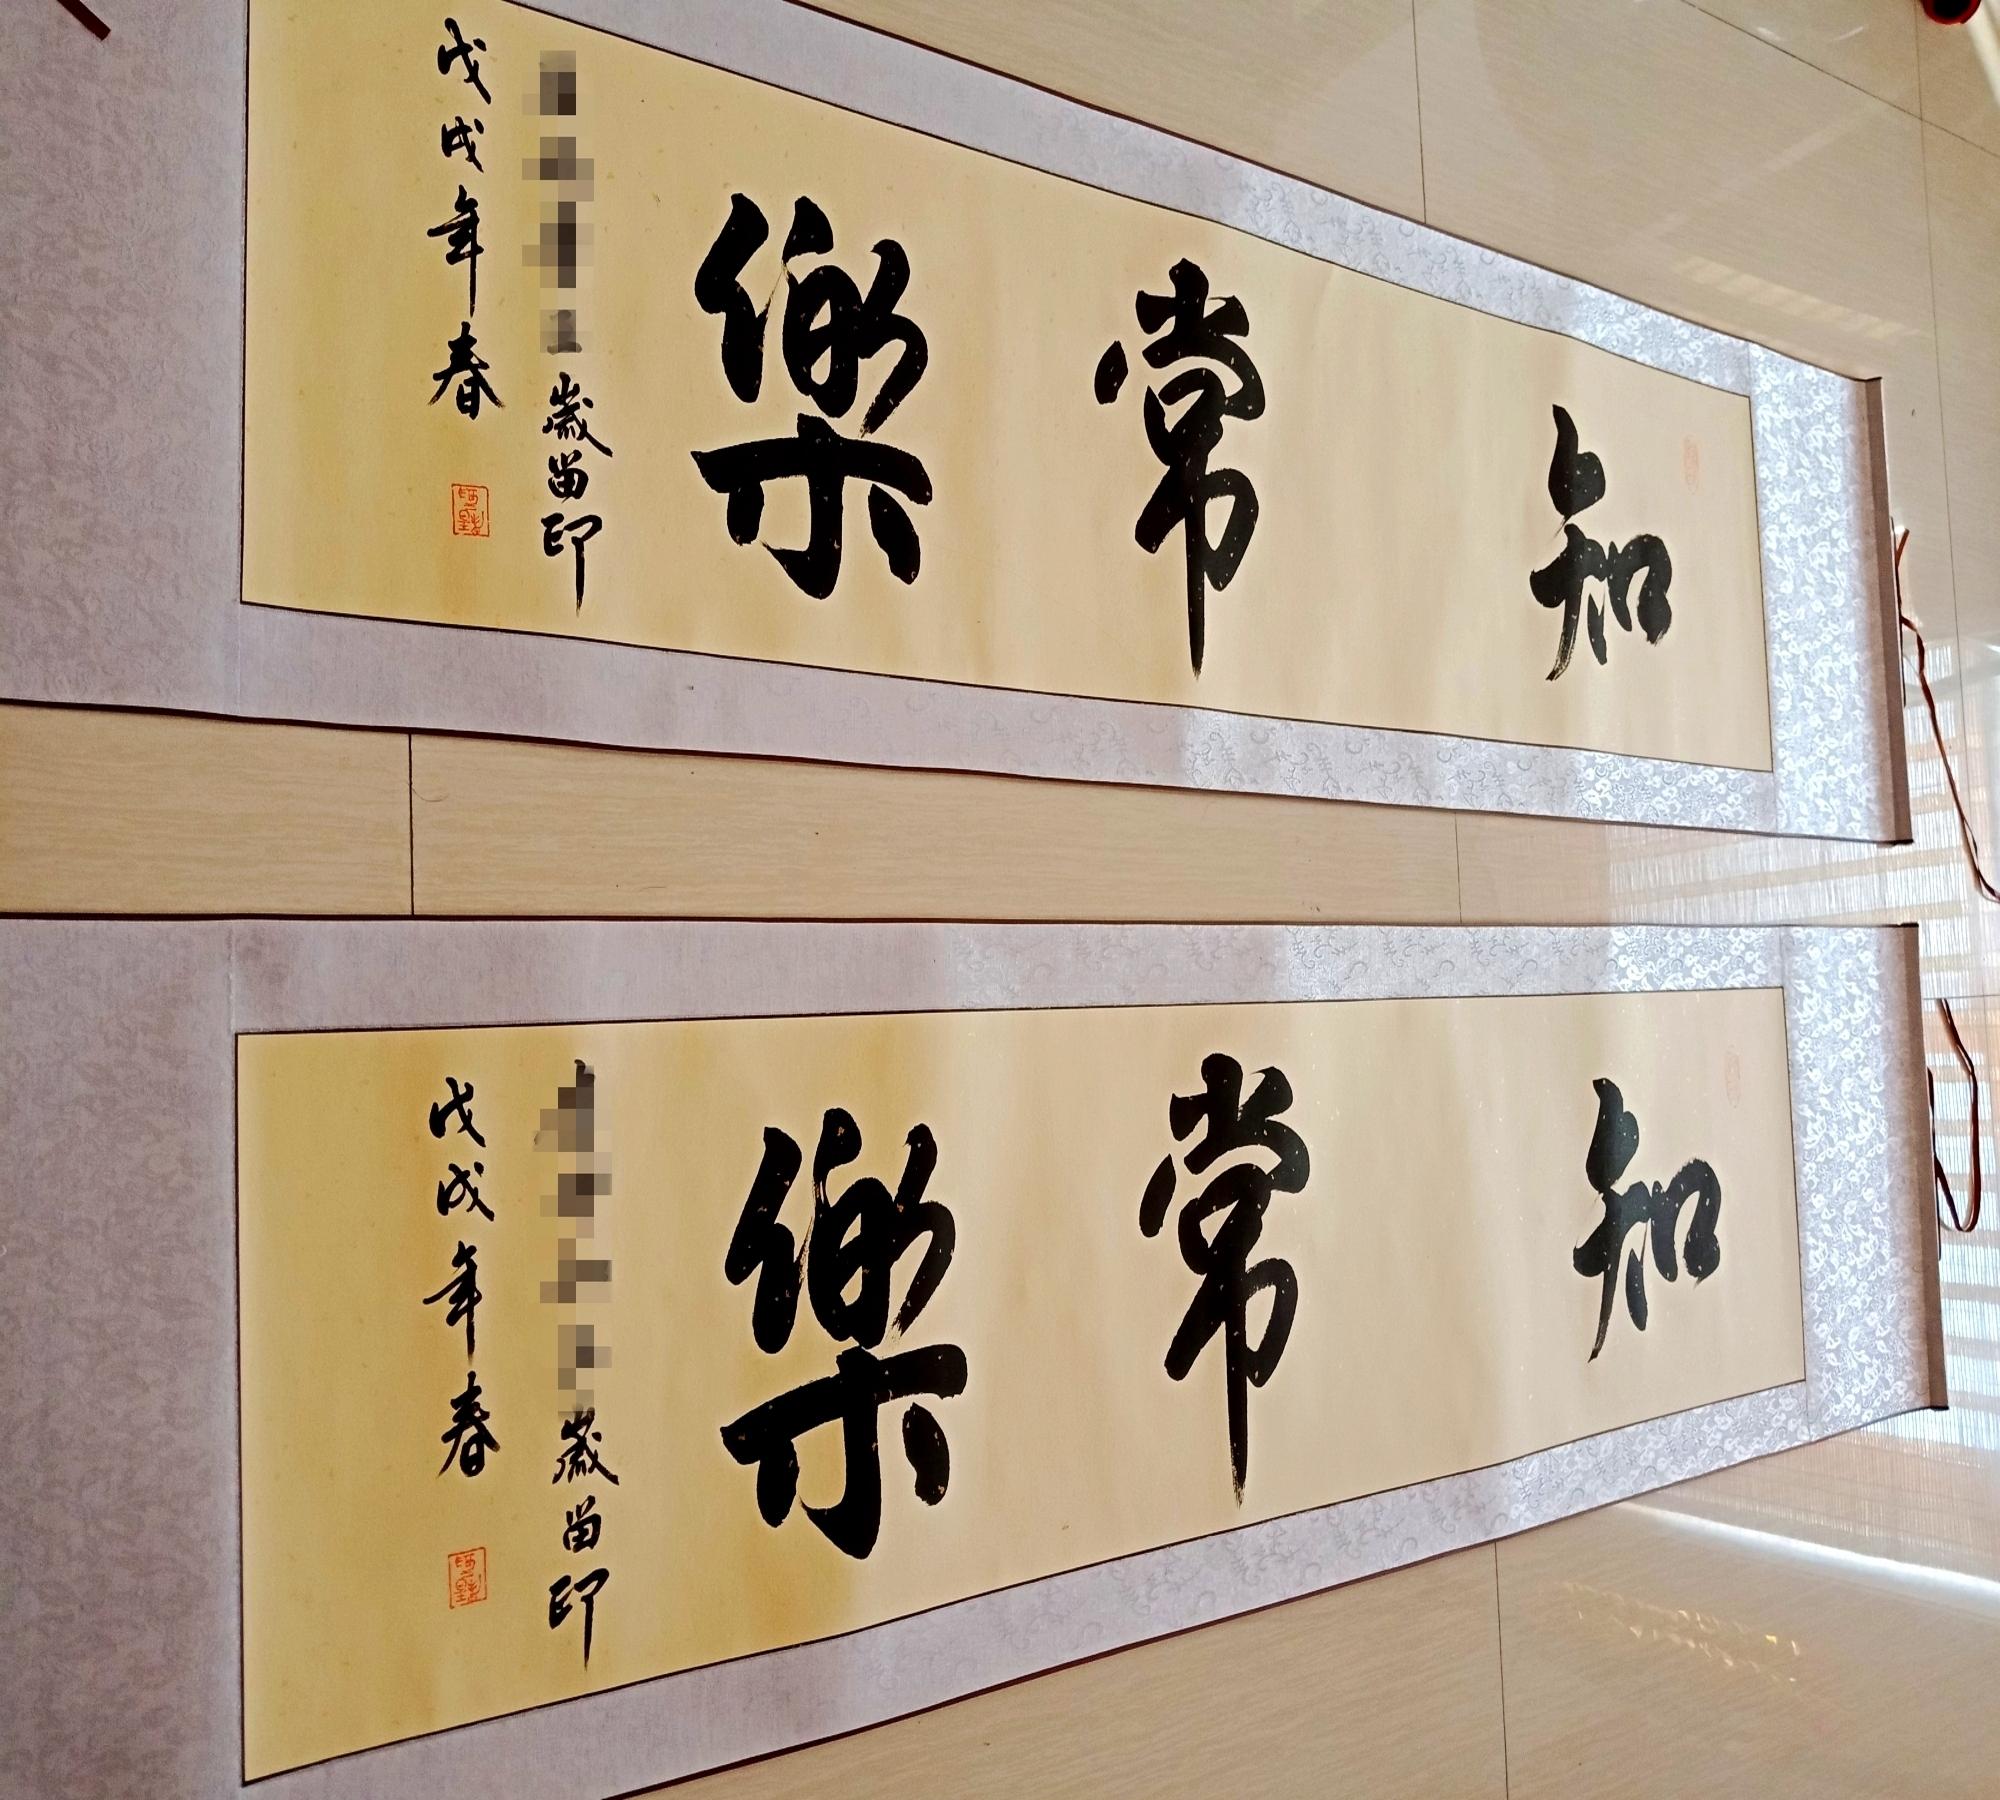 Почерк каллиграфия слово живопись китай кисть каллиграфия хорошо книга четыре правитель от каллиграфия сделанный на заказ знать достаточно часто музыка обрамленный след